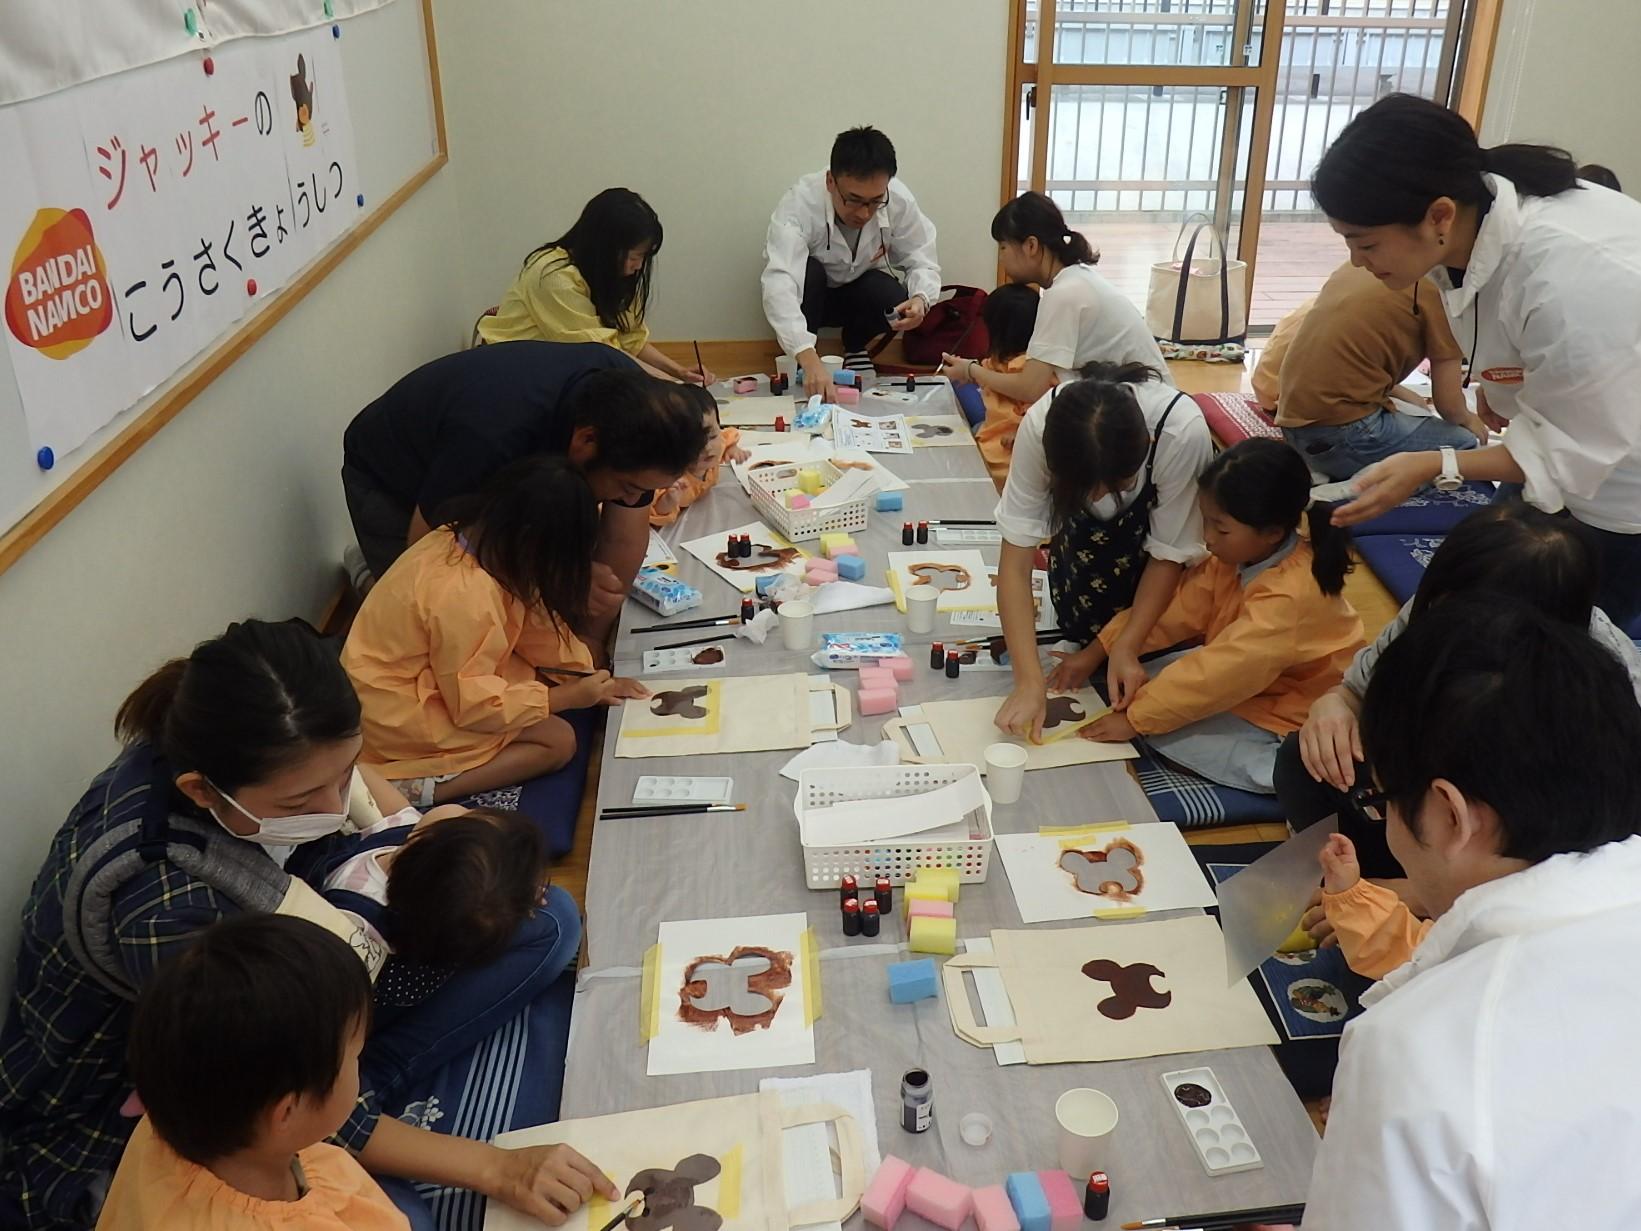 岩手県で東日本大震災被災地の子ども達向けのイベントを行いました